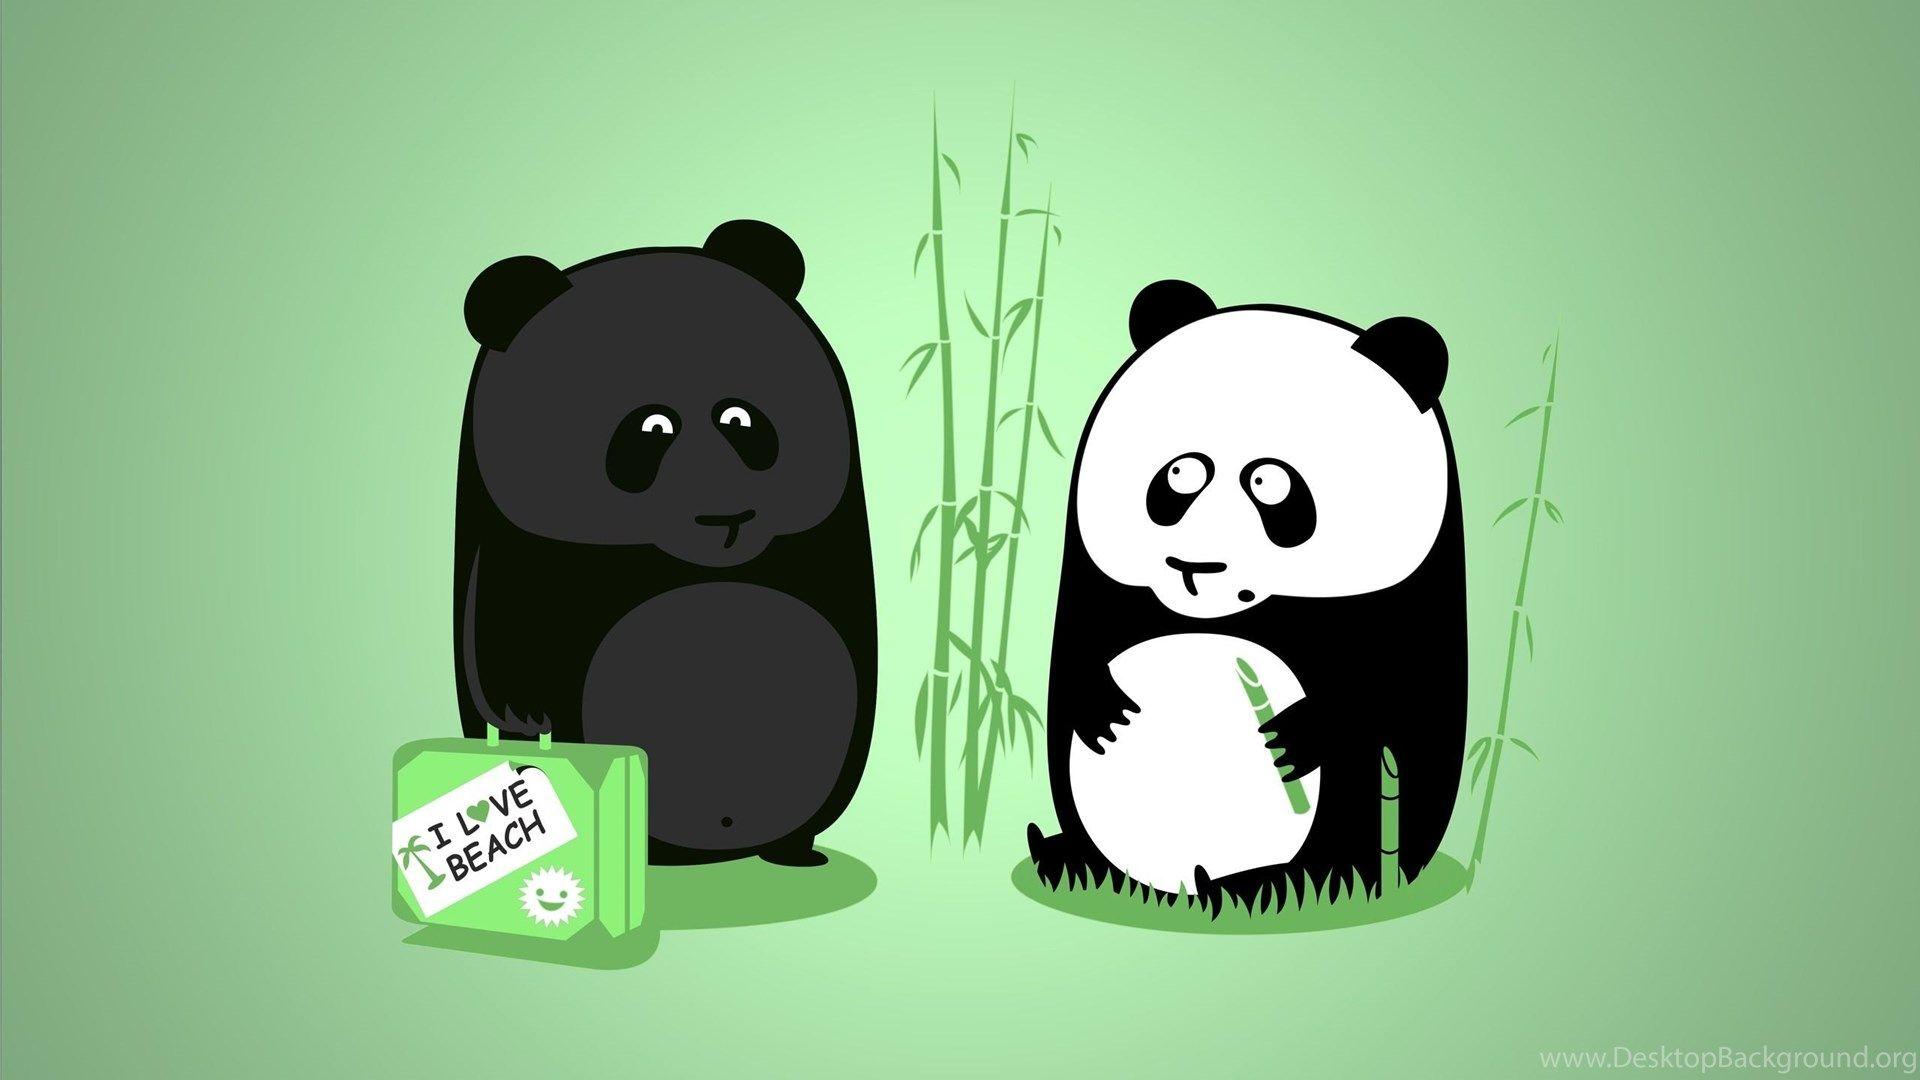 Download Cartoon Panda Wallpapers Populardesktop Background